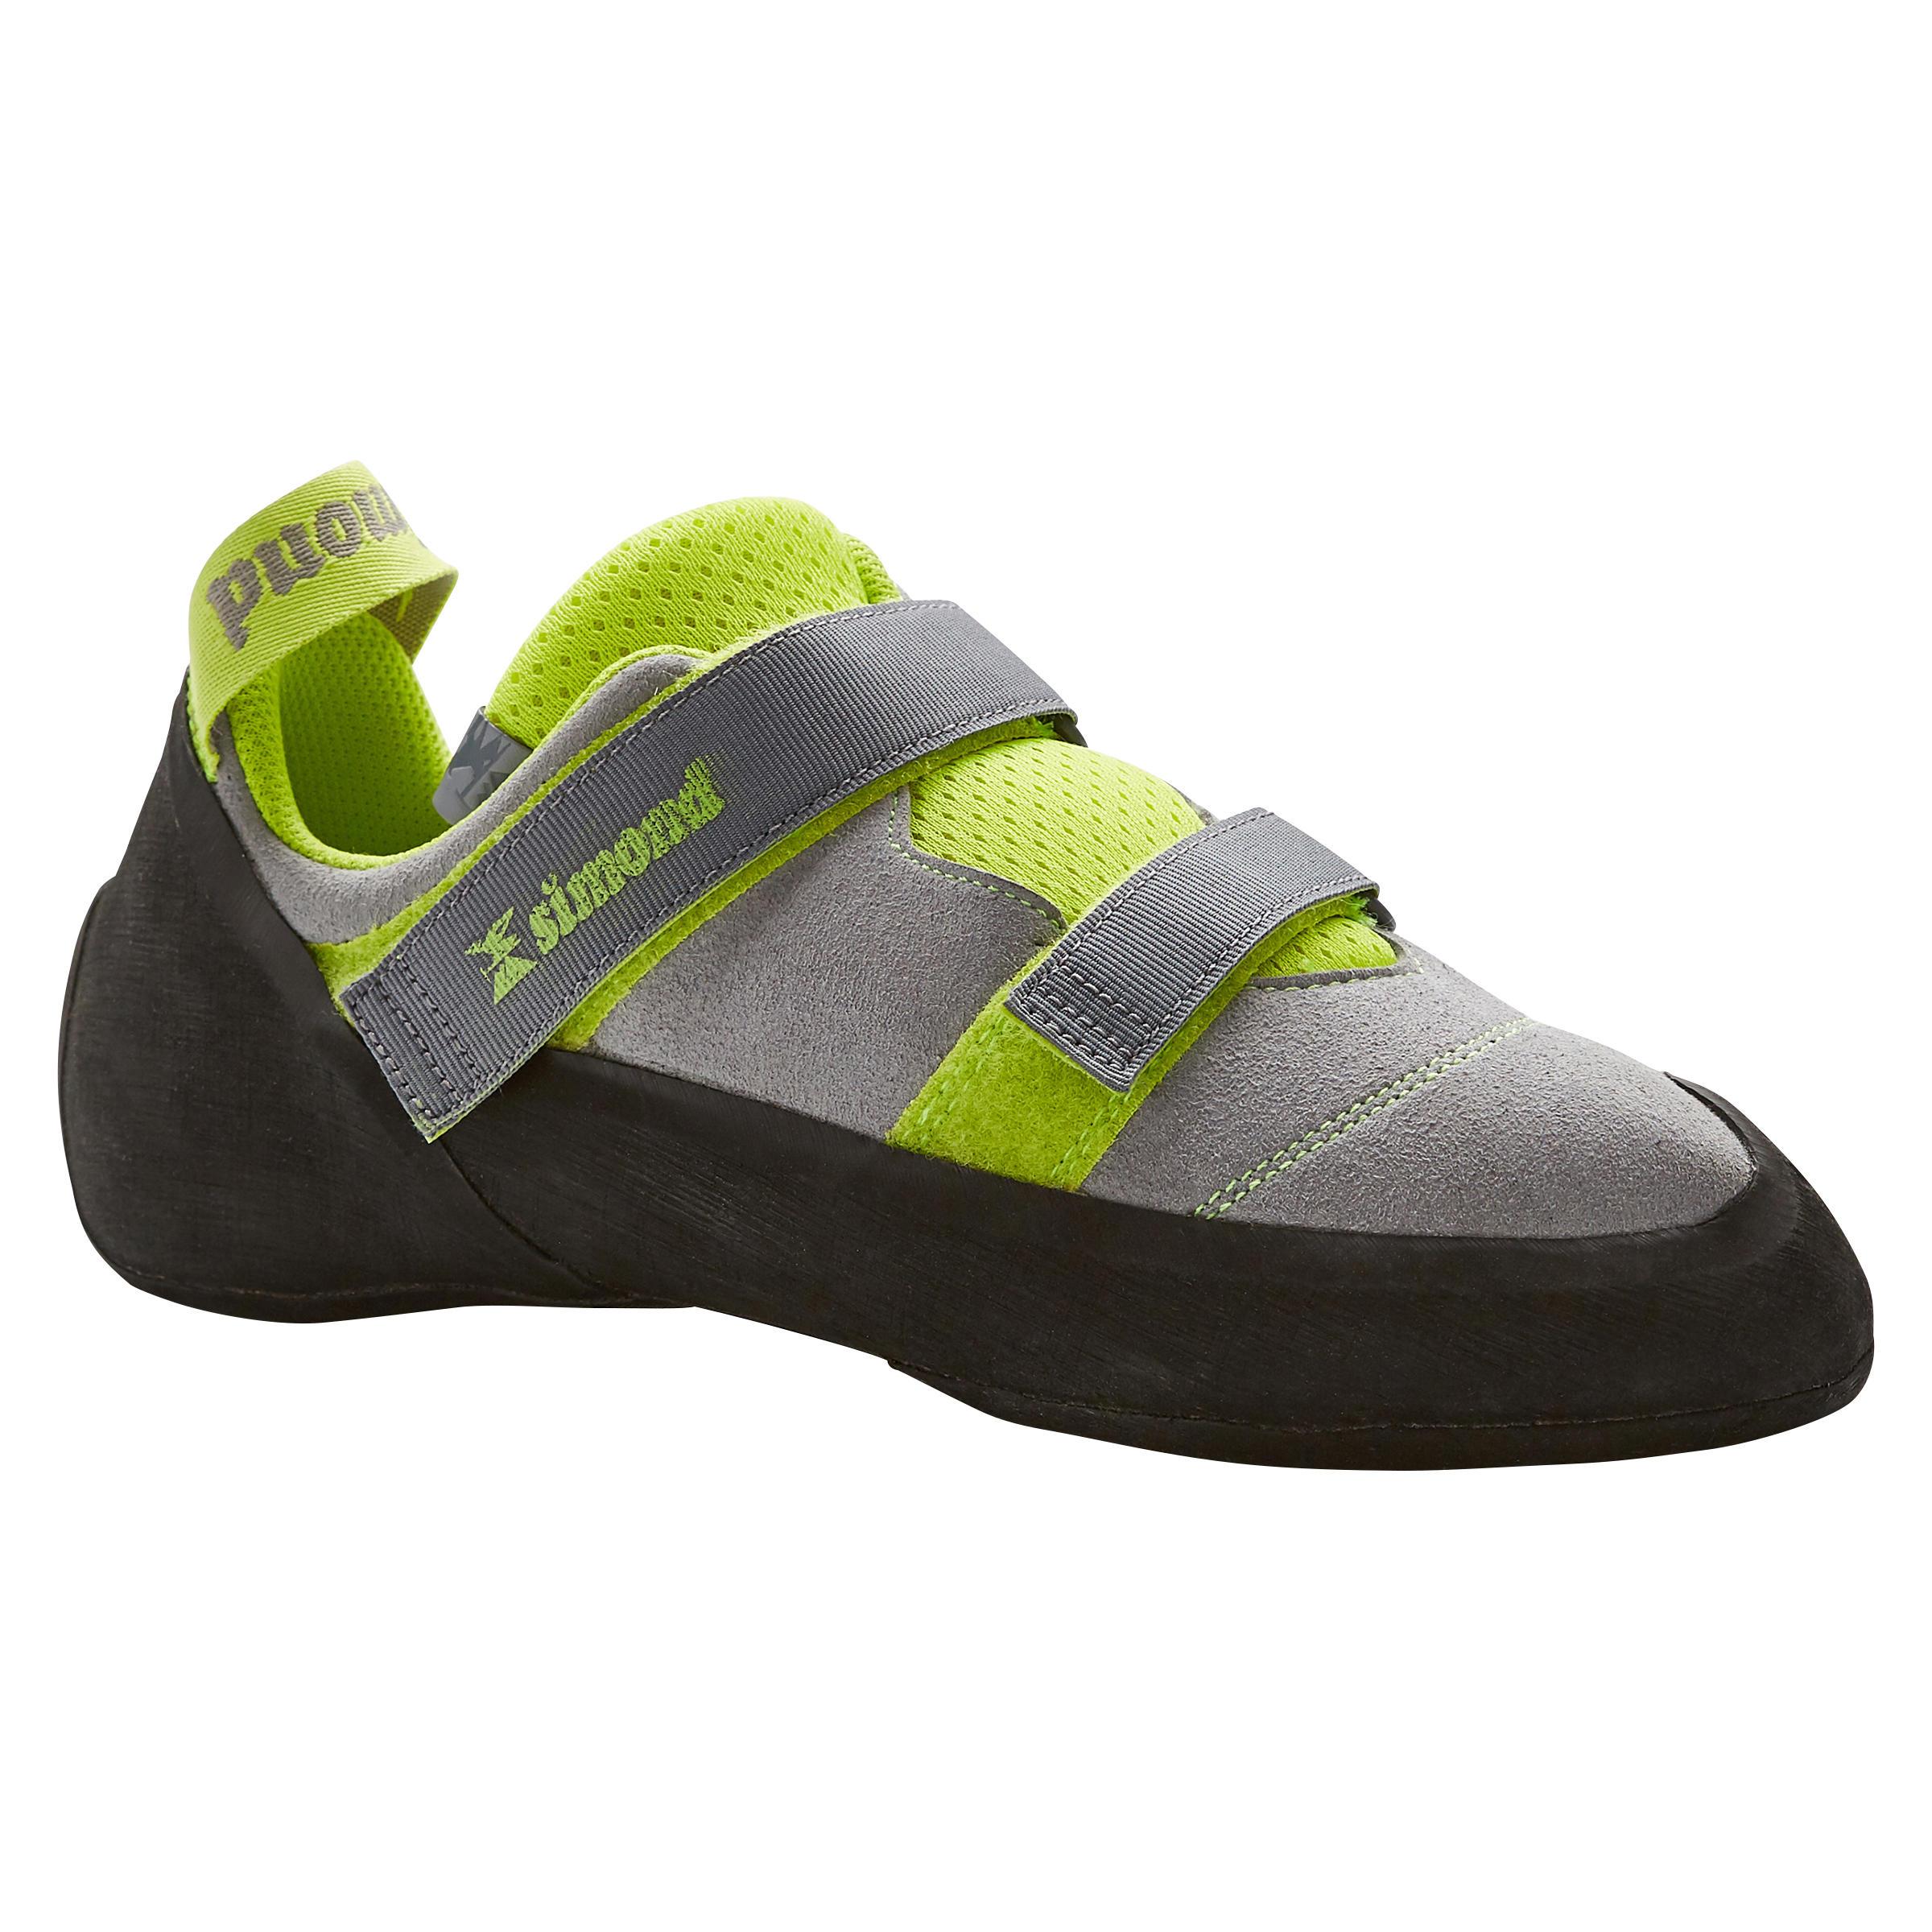 Kletterschuhe Rock+ Kinder/Erwachsene | Schuhe | Simond